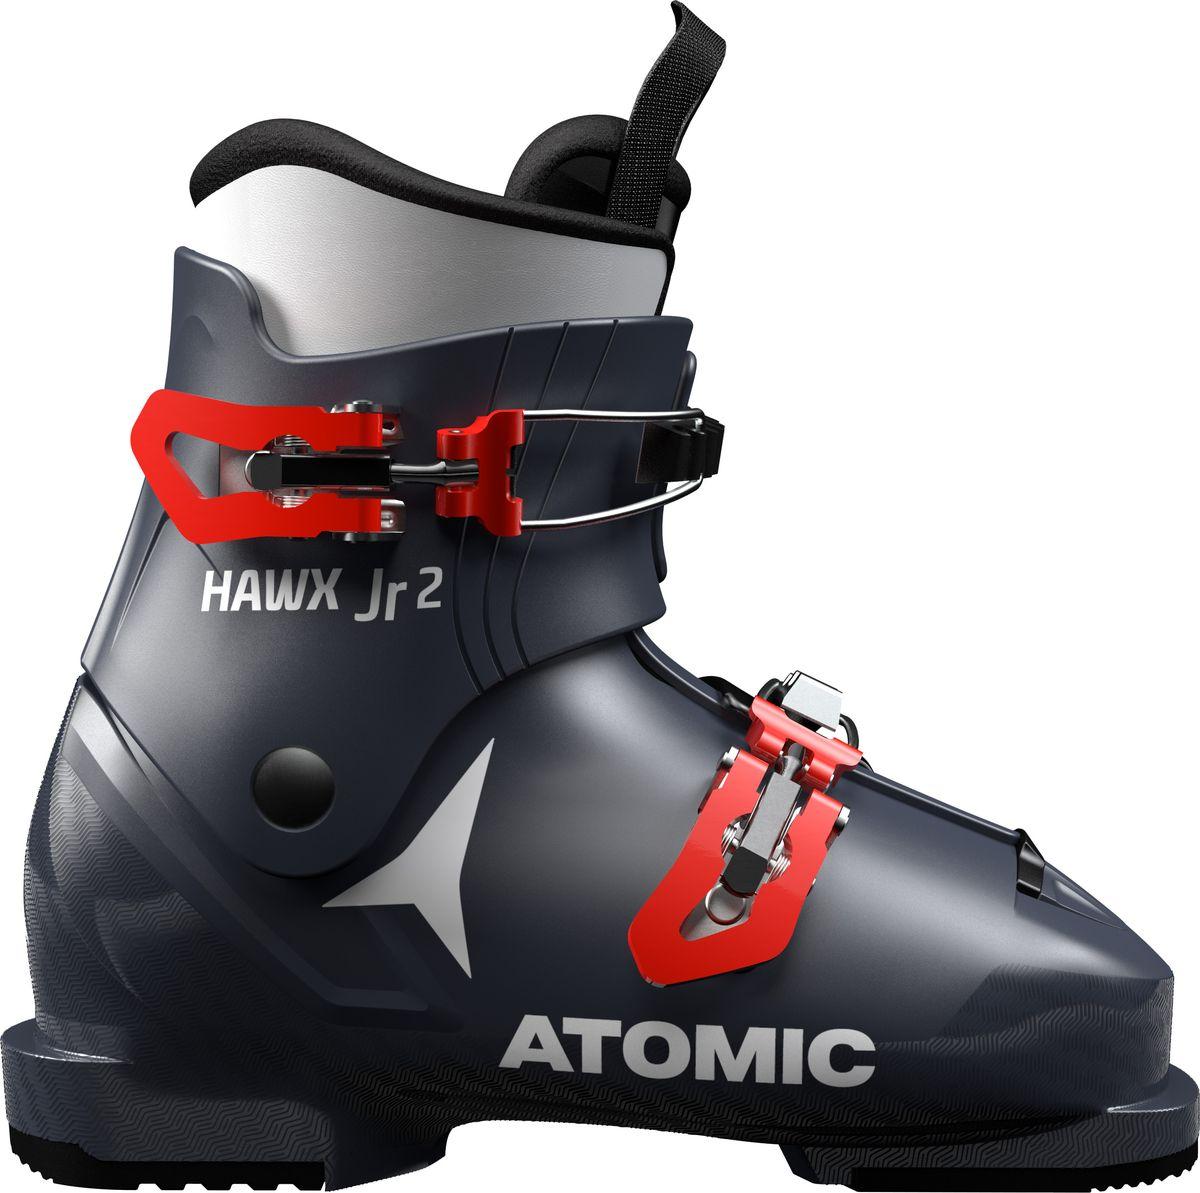 Atomic Hawx Jr 2 — идеальные ботинки для освоения карвинга на начальном уровне. Ботинки очень мягкие и гибкие, поэтому даже маленькие ноги сохраняют подвижность. Поскольку маленькие дети растут очень быстро и у них быстро увеличивается размер ног, ботинки комплектуются вкладками Size Adjuster, компенсирующими половину размера. Установите вкладки, пока нога у ребенка маленькая, и уберите вкладки, когда они вырастут. Как и у всех наших детских моделей, в этих ботинках применена прогрессивная конструкция голенища: гибкость и высота голенища идеально соответствуют способностям и размеру лыжников. Ботинки Hawx Jr 2 — отличное решение для первых шагов на склоне: скольжение, поворот, загрузка.Внутренний ботинок BronzeКлипса из поликарбоната + макрорегулировкаМодель для детей и подростковВес 830 г. для размера 20/20.5